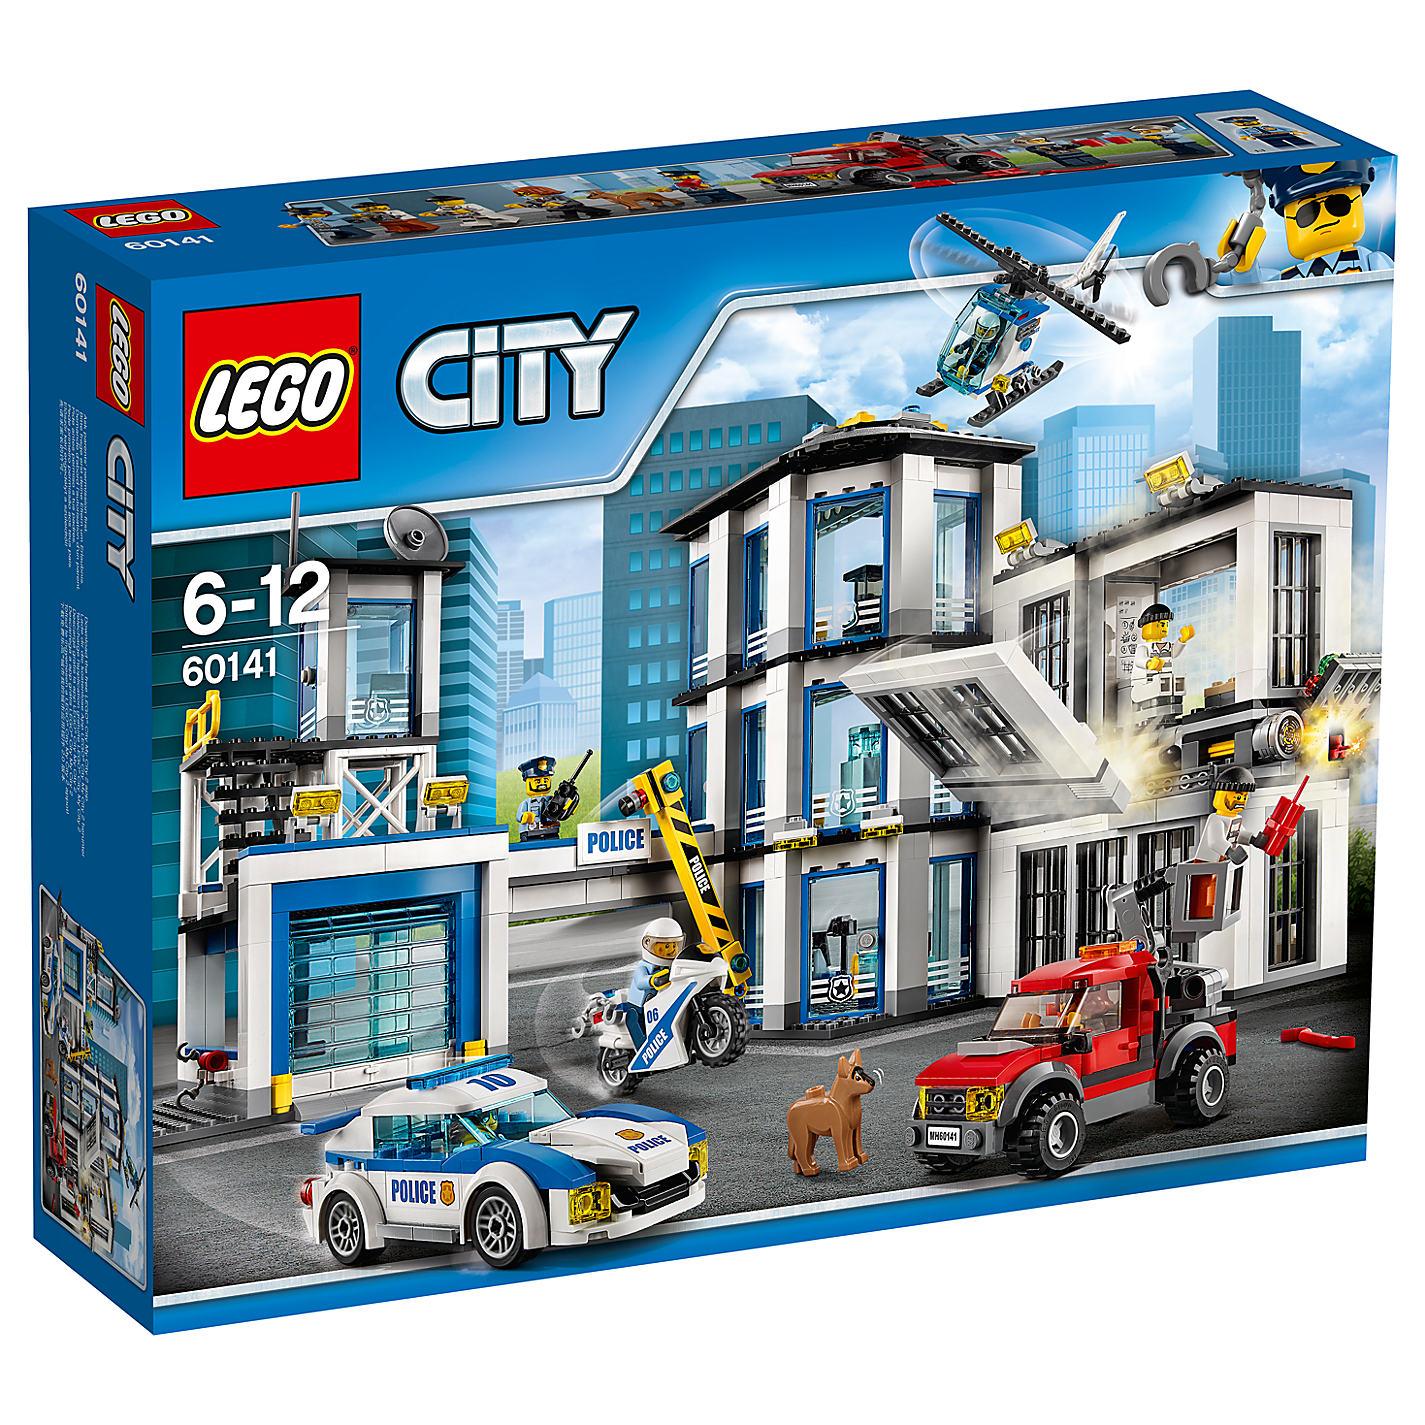 Конструктор Lego City Город Ограбление на бульдозере